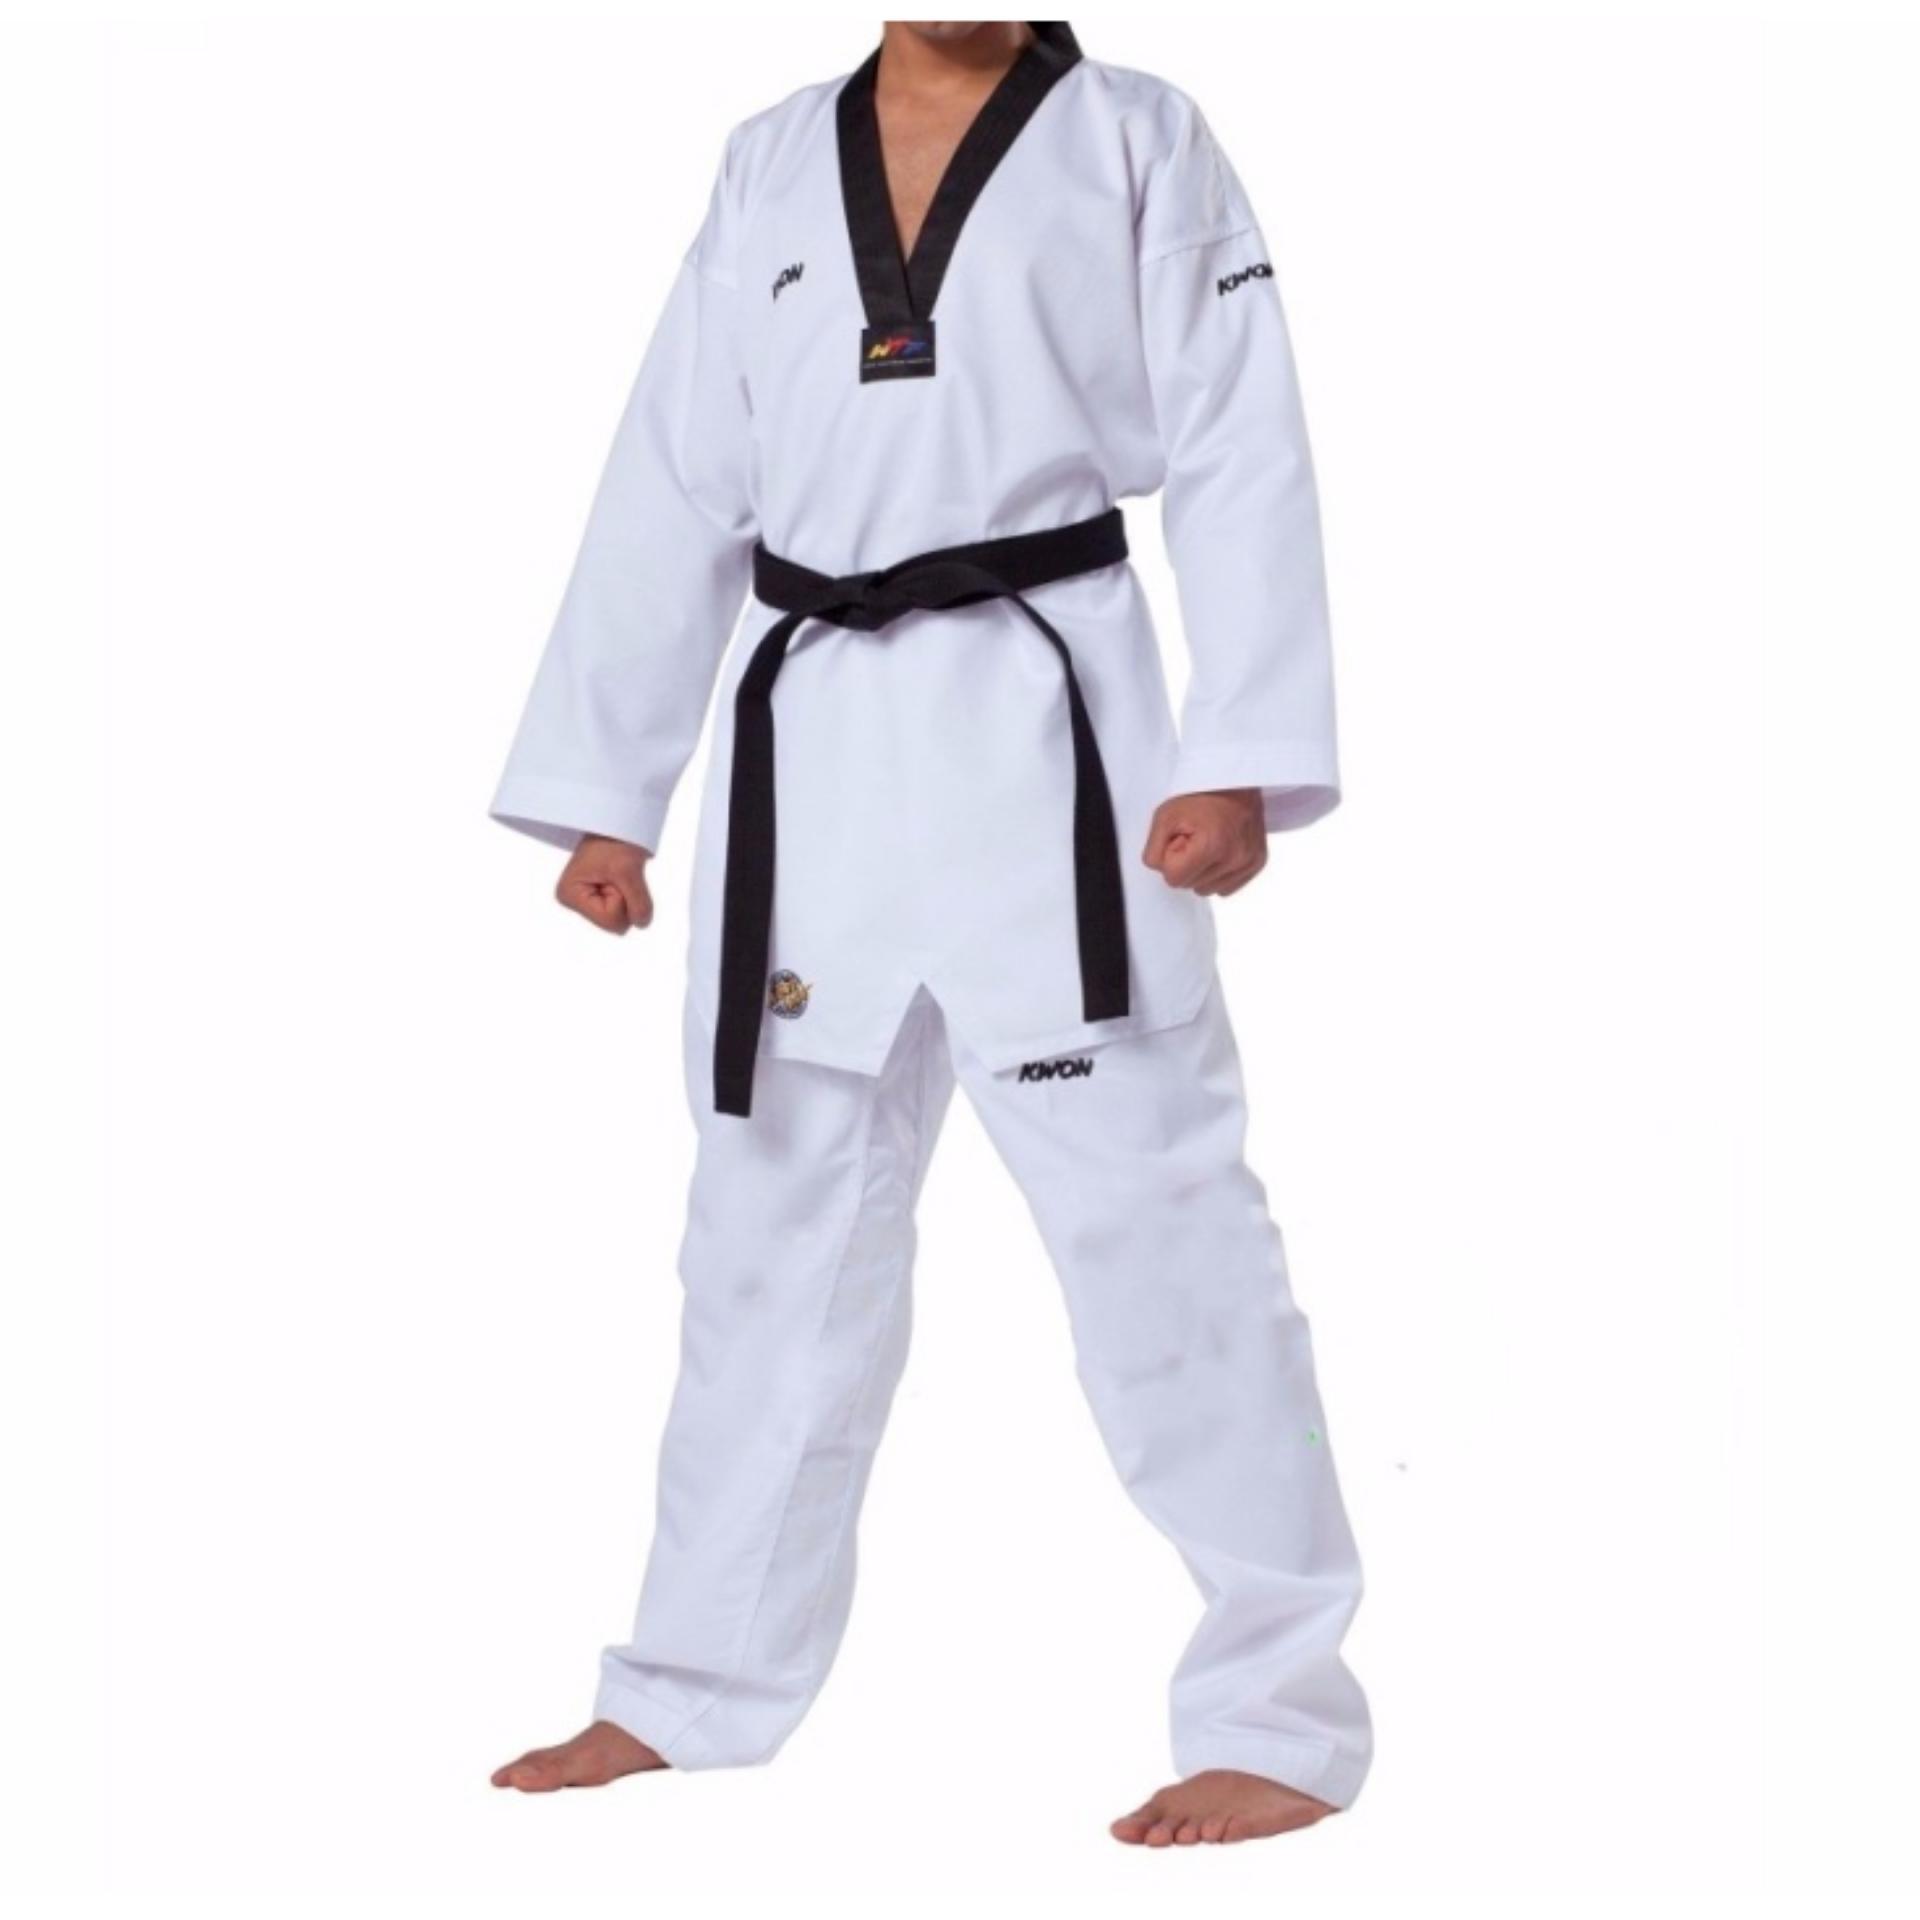 Quần áo võ phục Taekwondo KWON Fighter cổ đen